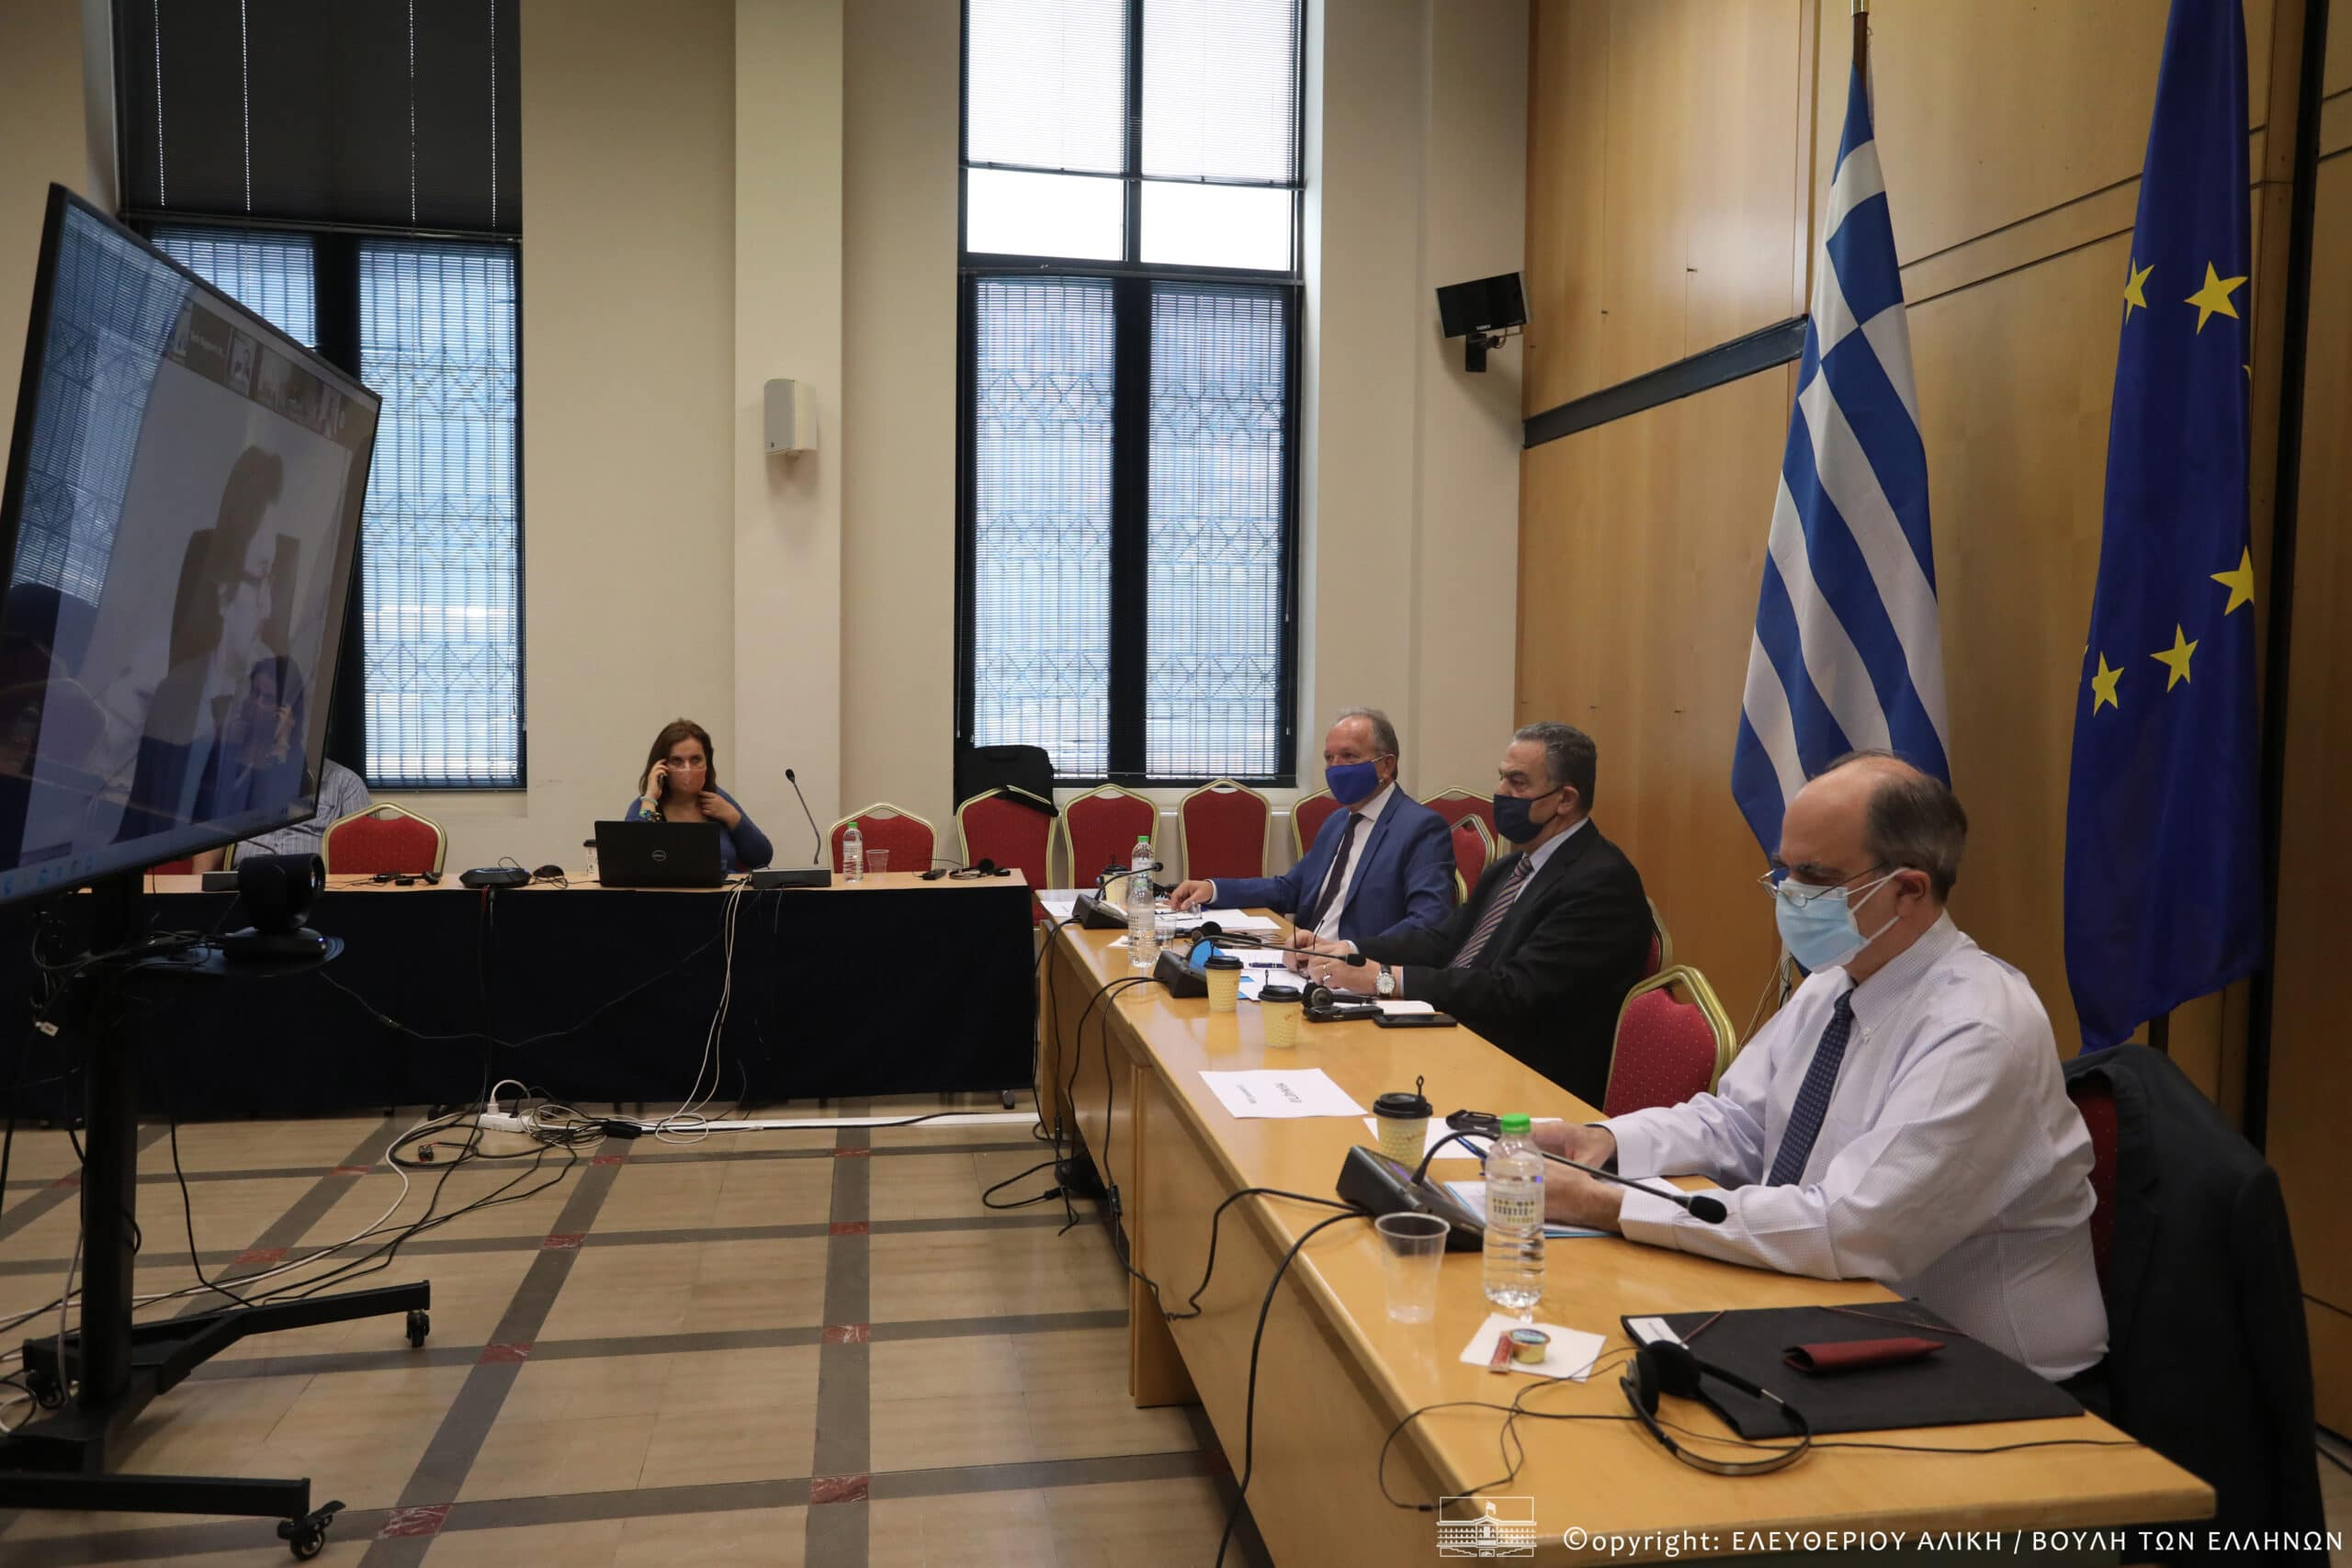 Τηλεδιάσκεψη της Κοινοβουλευτικής Ομάδας Φιλίας Ελλάδας-Εσθονίας με την αντίστοιχη του Κοινοβουλίου της Εσθονίας